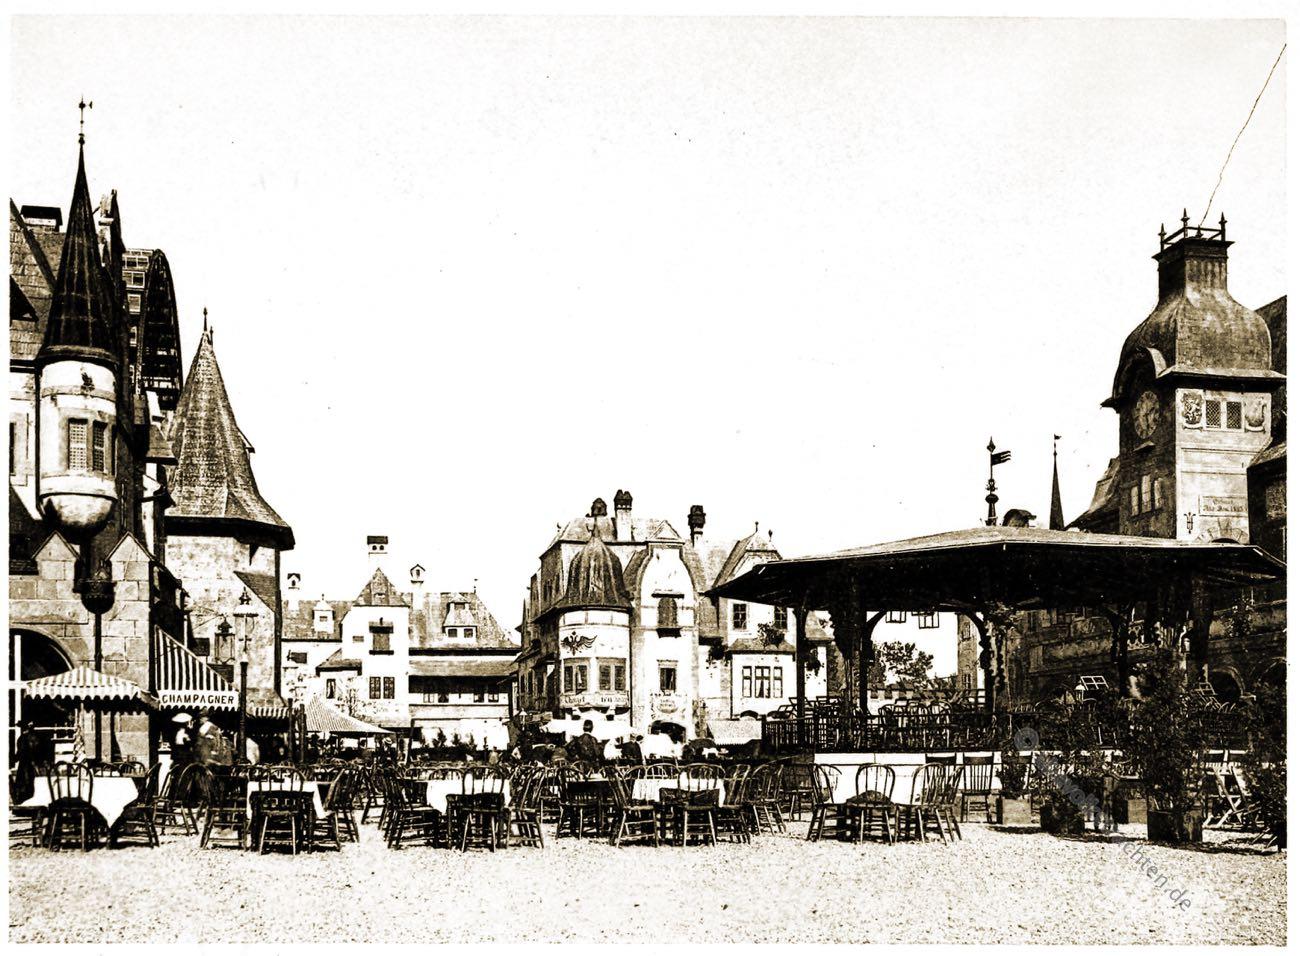 Stadtplatz, Alt-Wien, Stadt, Wien, Vienna, Columbian Exposition Chicago, Adolph Wittemann,